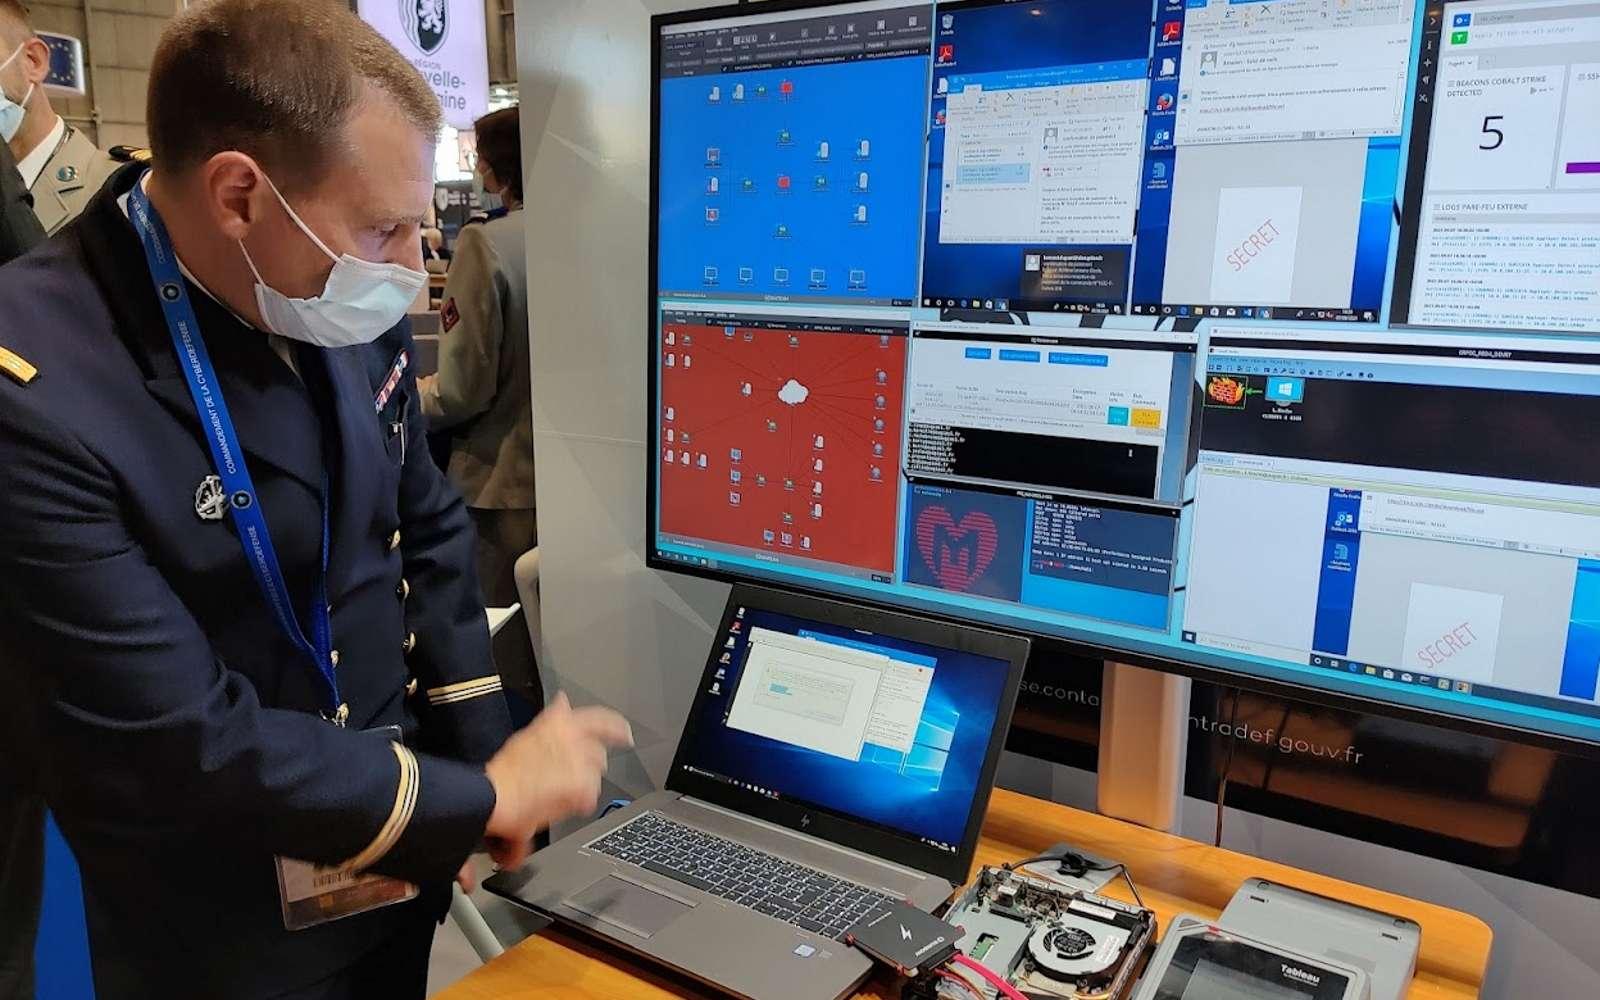 Un officier du COMCYBER montre le Trident, un caisson permettant de simuler un réseau complet. Il permet aux militaires de mettre à jour leurs connaissances pour répondre à différents scénarios d'attaques cyber. © Futura